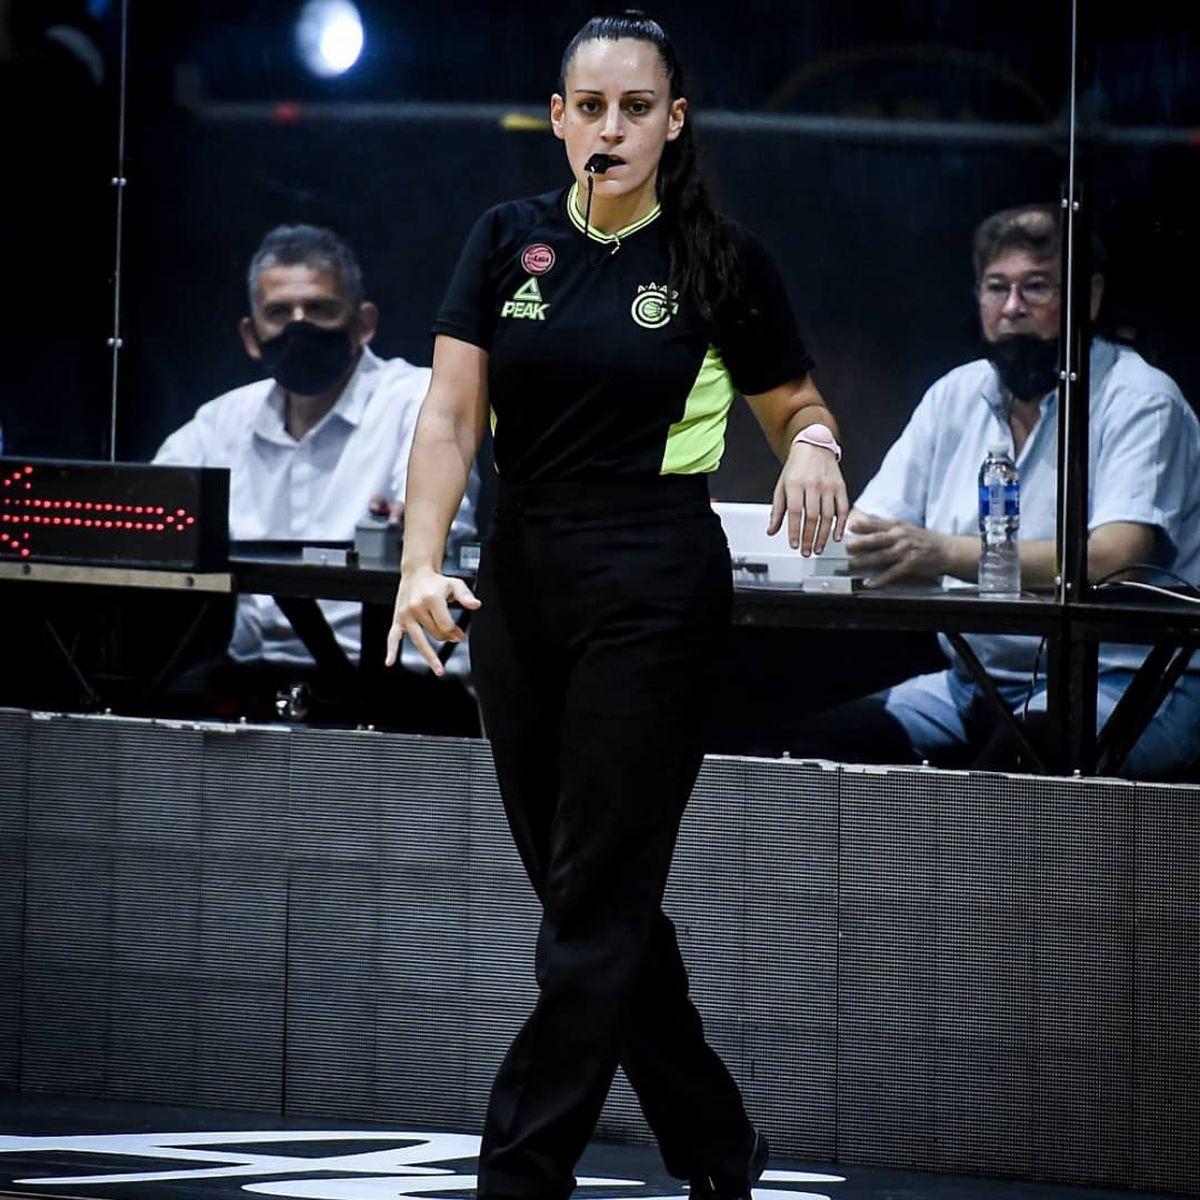 Bianca Tedesco anunció su retiro como árbitro de básquet por acoso sexual.